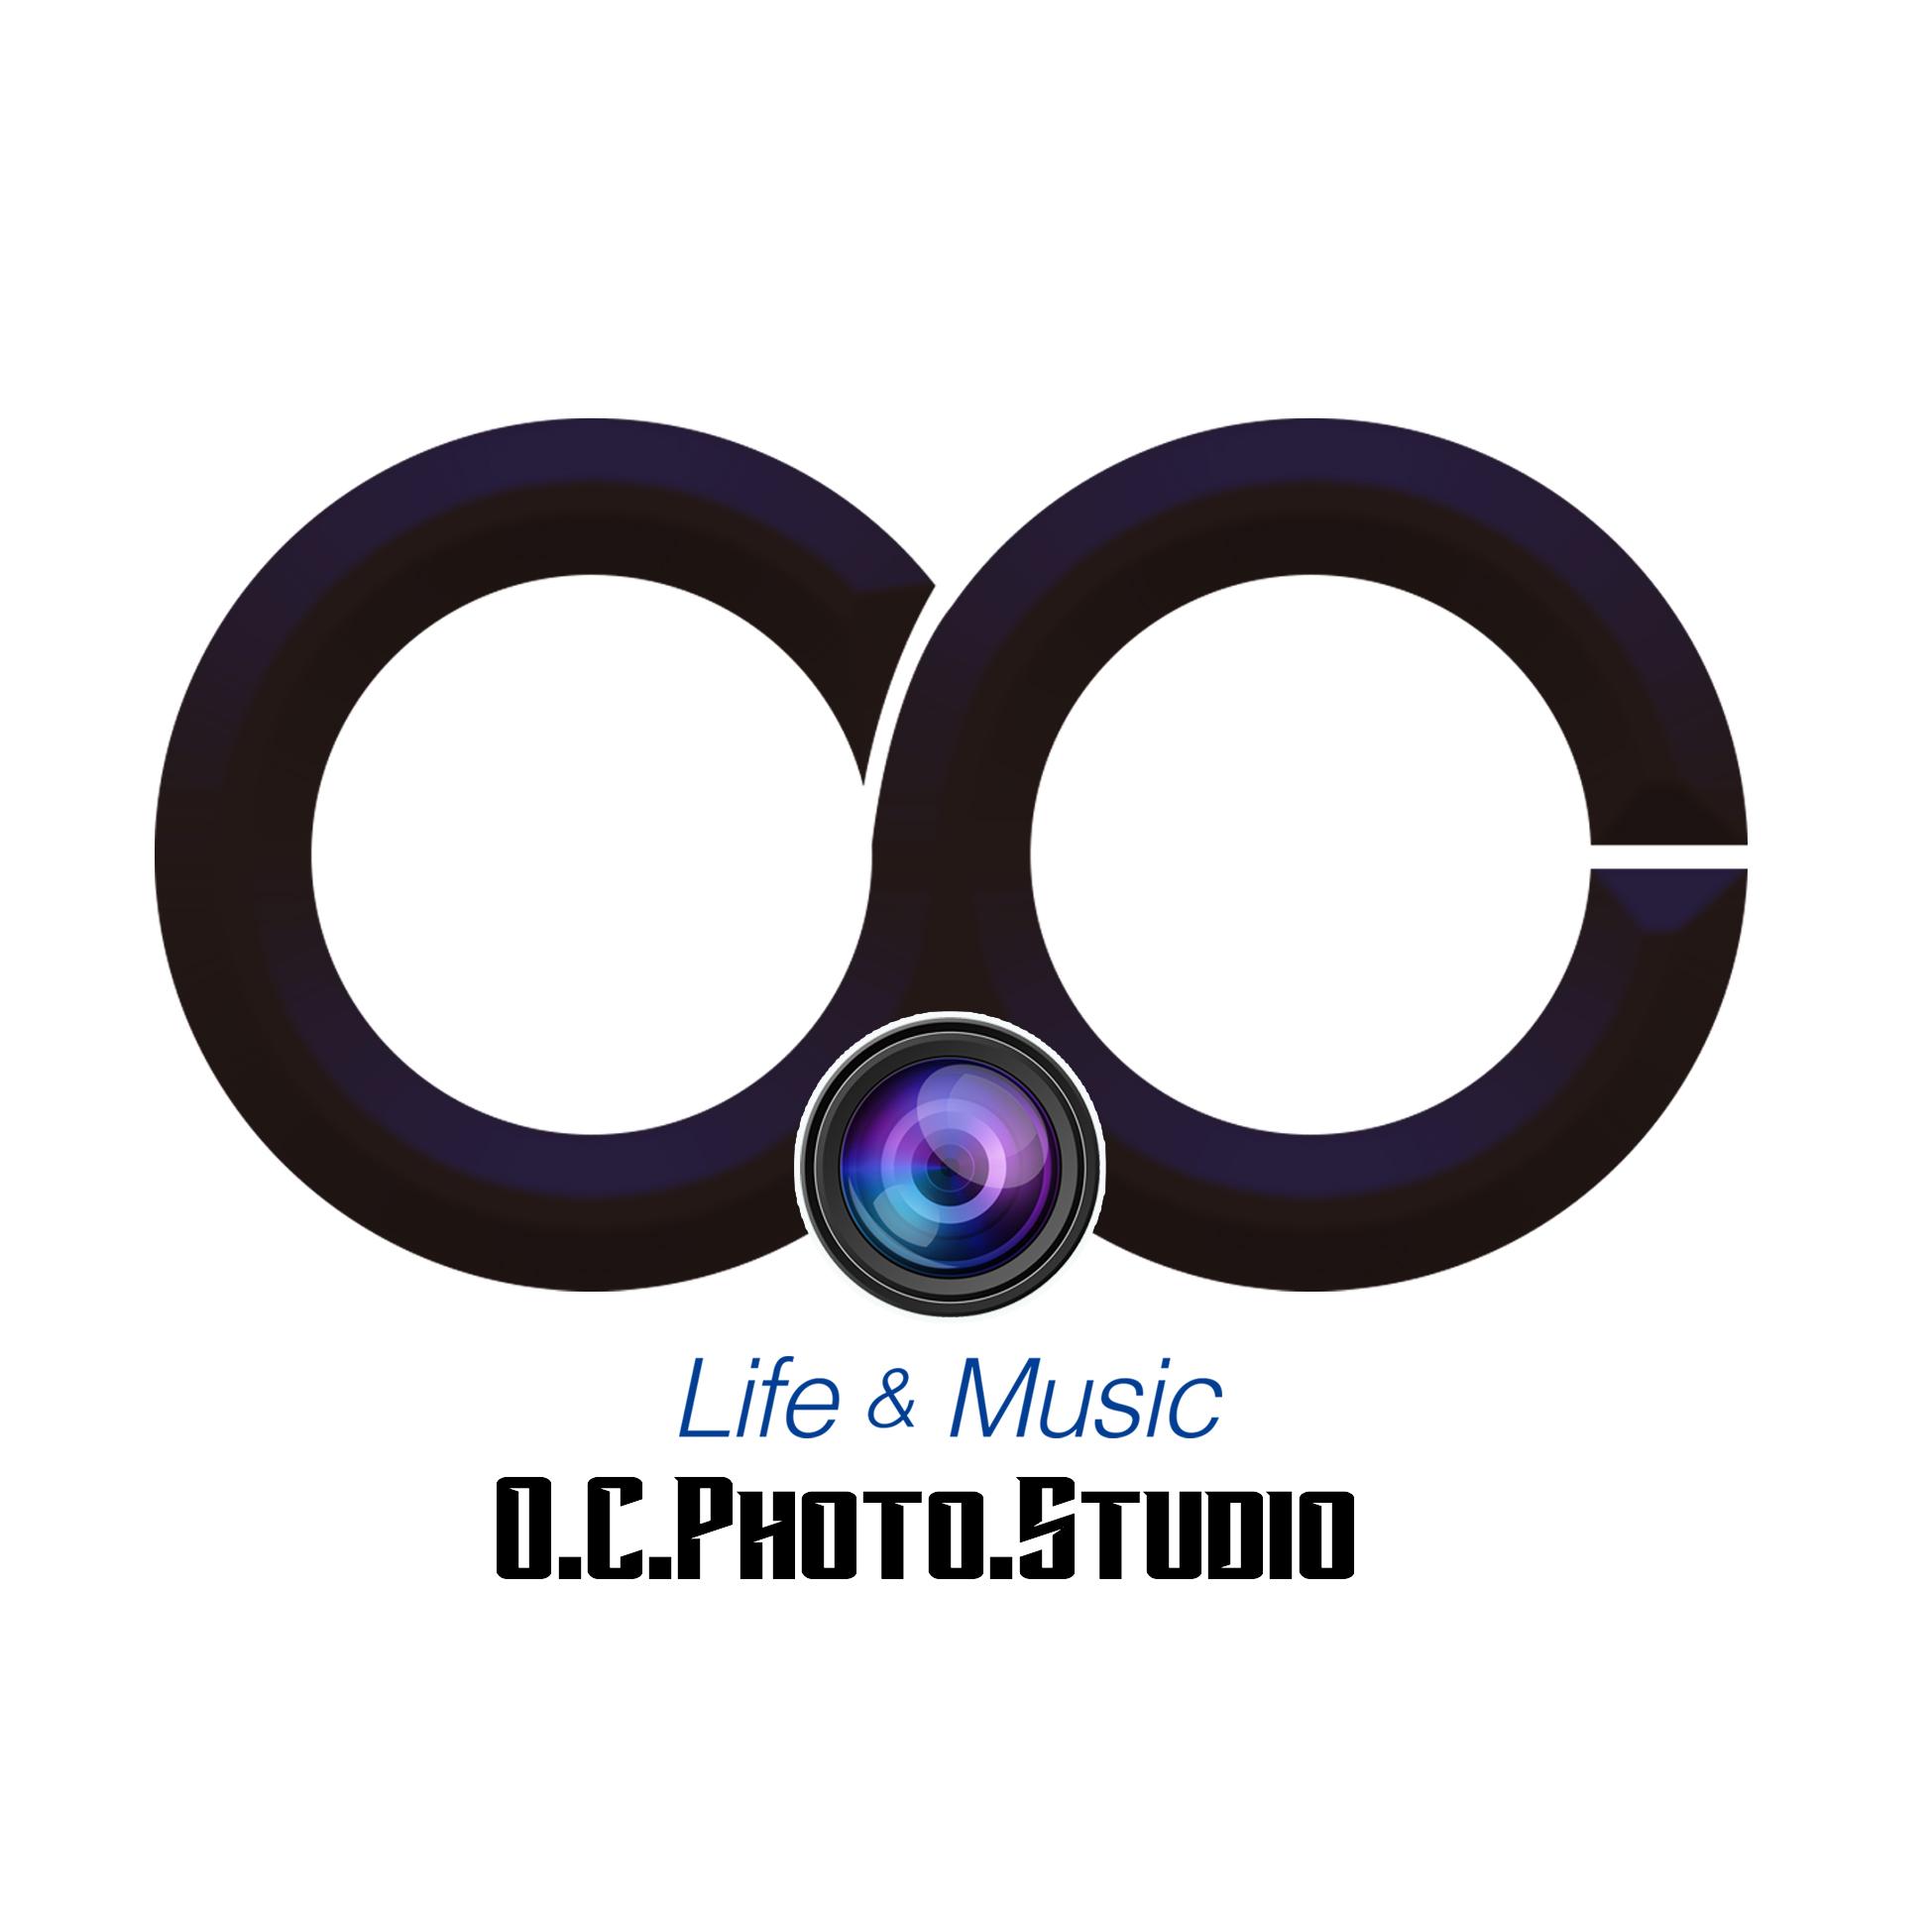 NewOC_logo